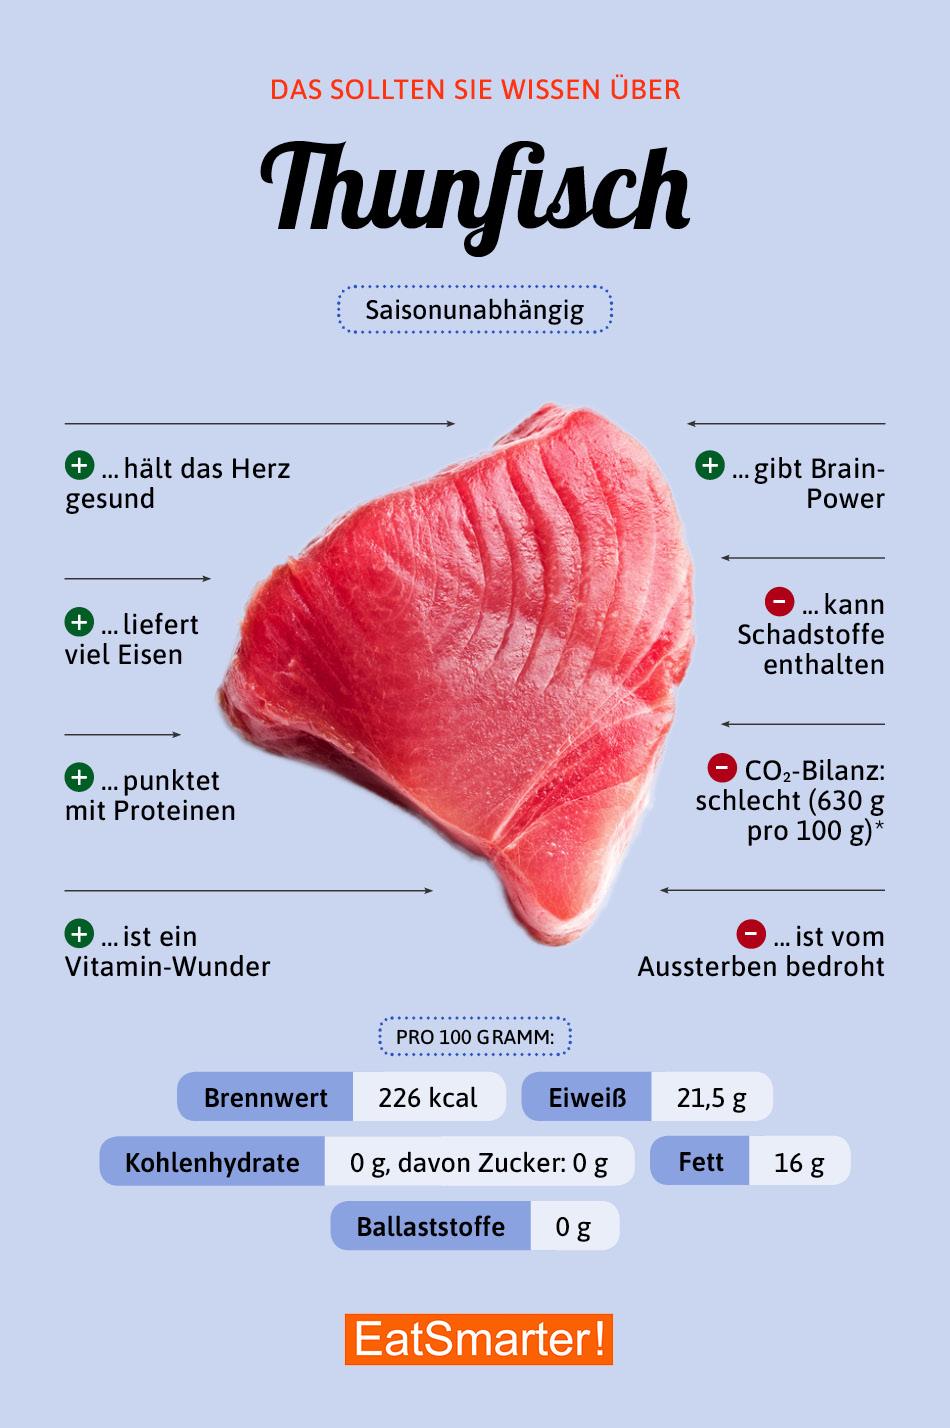 Infografik Thunfisch